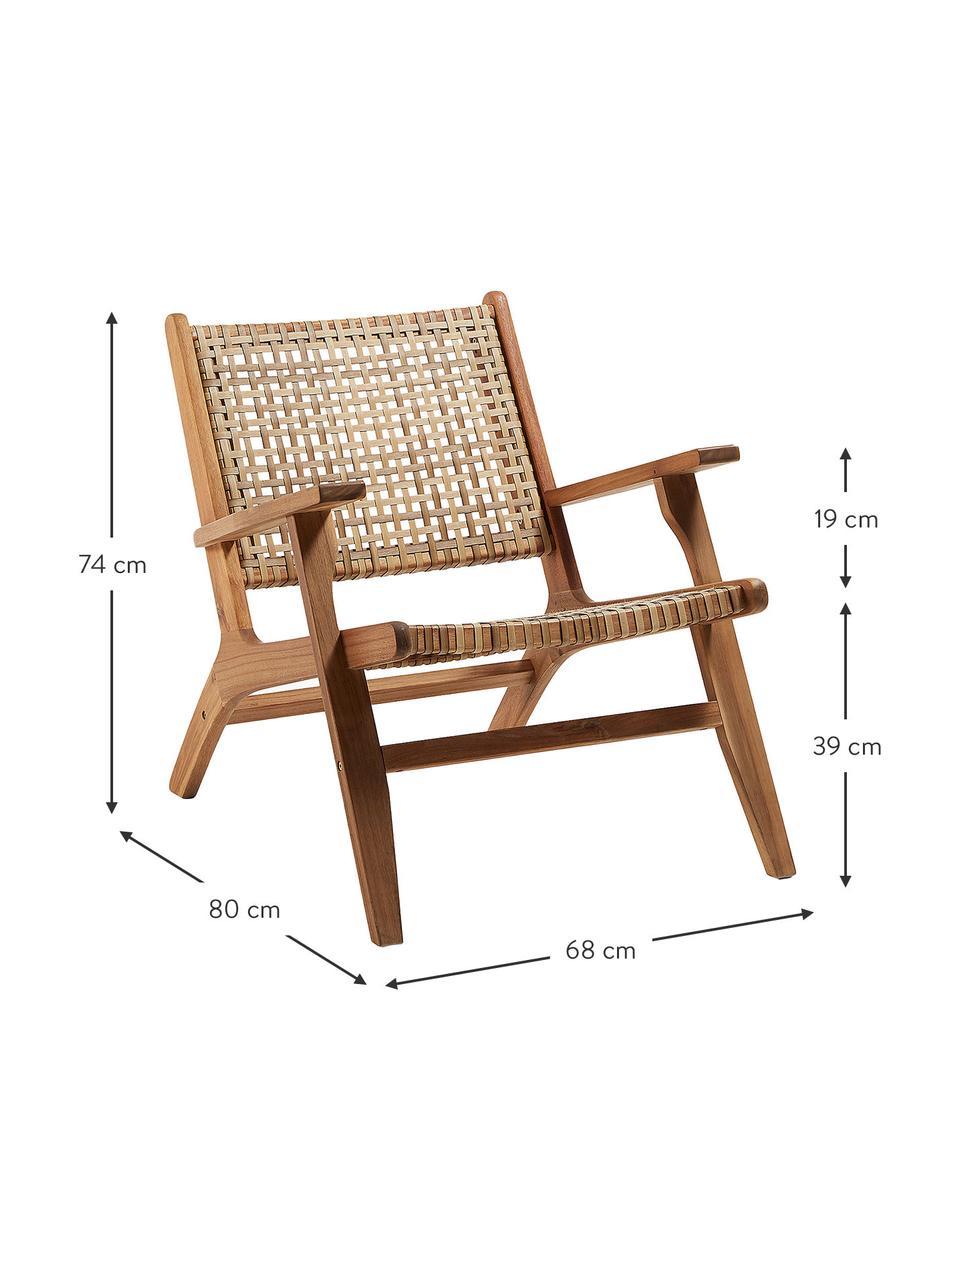 Fotel wypoczynkowy z plecionką z rattanu Noon, Drewno akacjowe, S 68 x G 80 cm